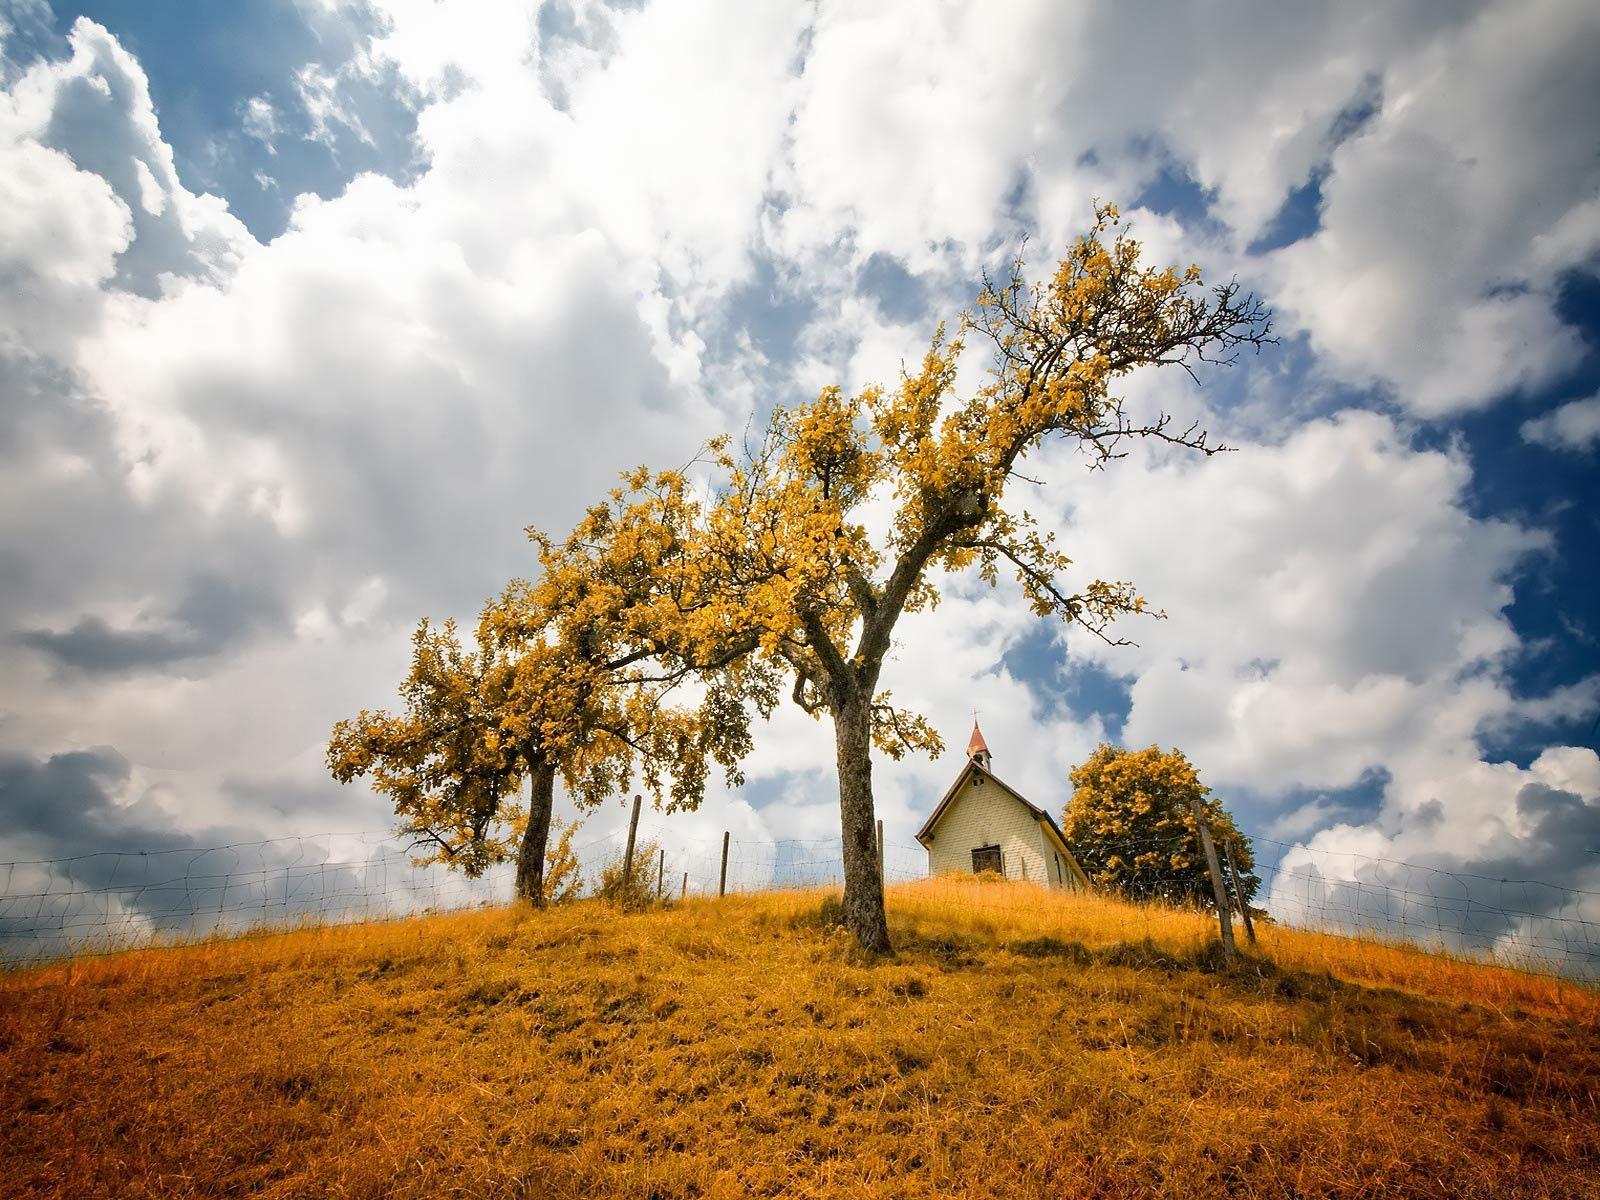 Nature Poetry desktop wallpaper downloads backgrounds